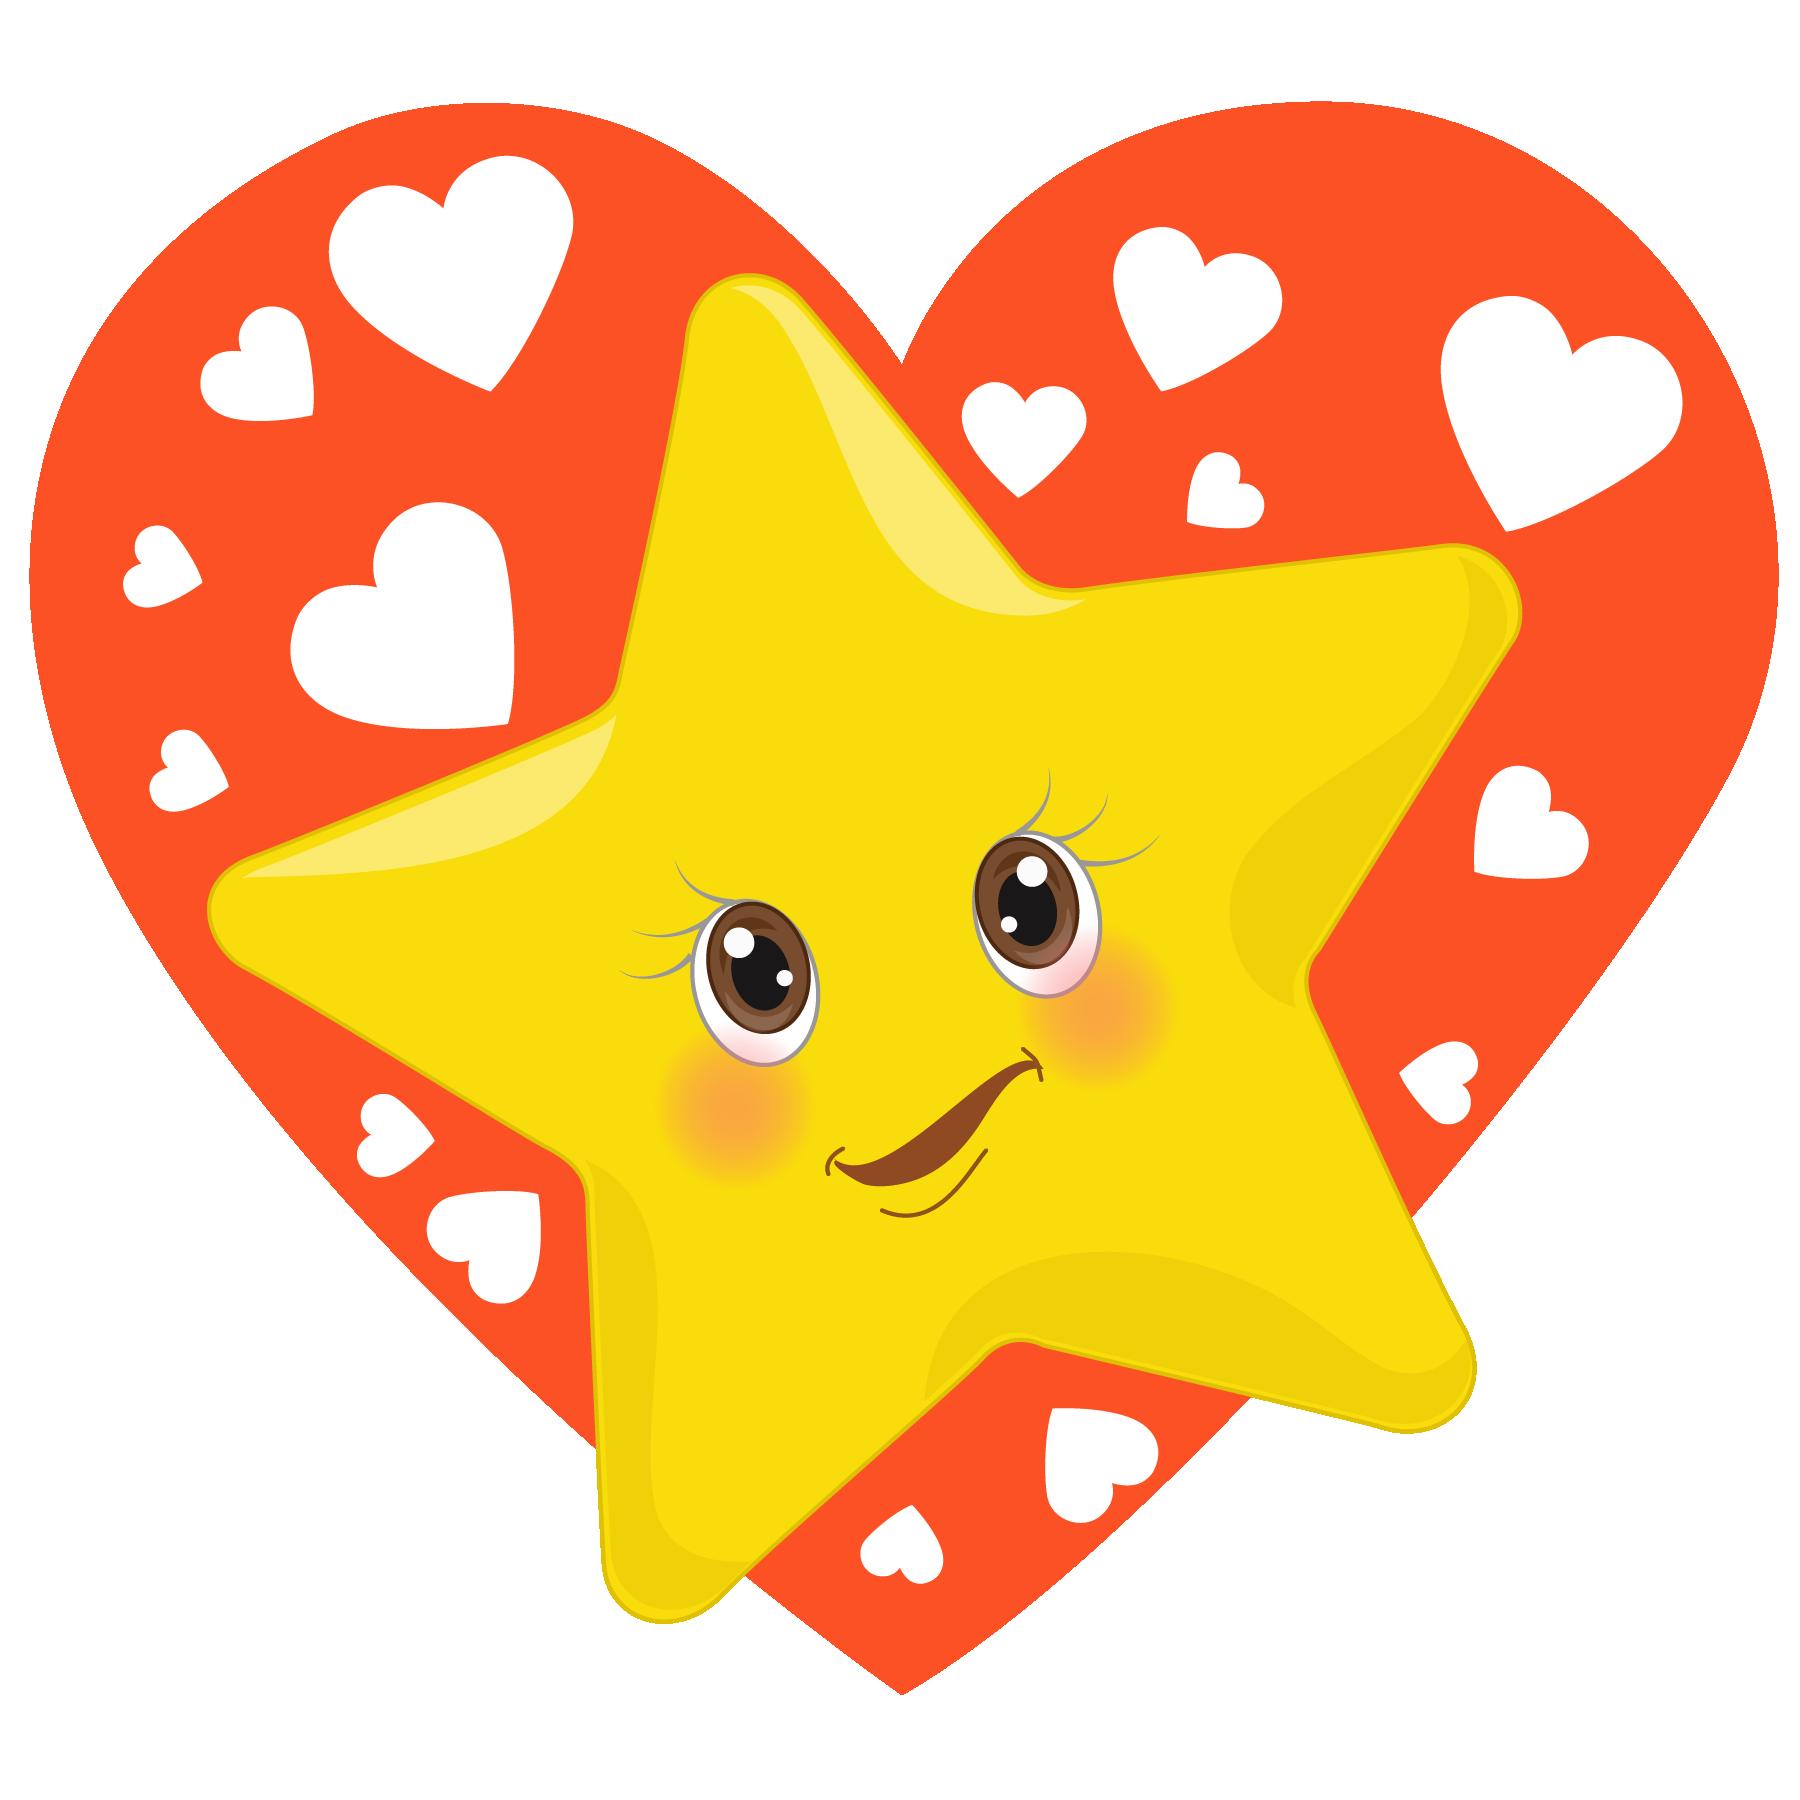 Star Emoticon Start Emoji Freebie